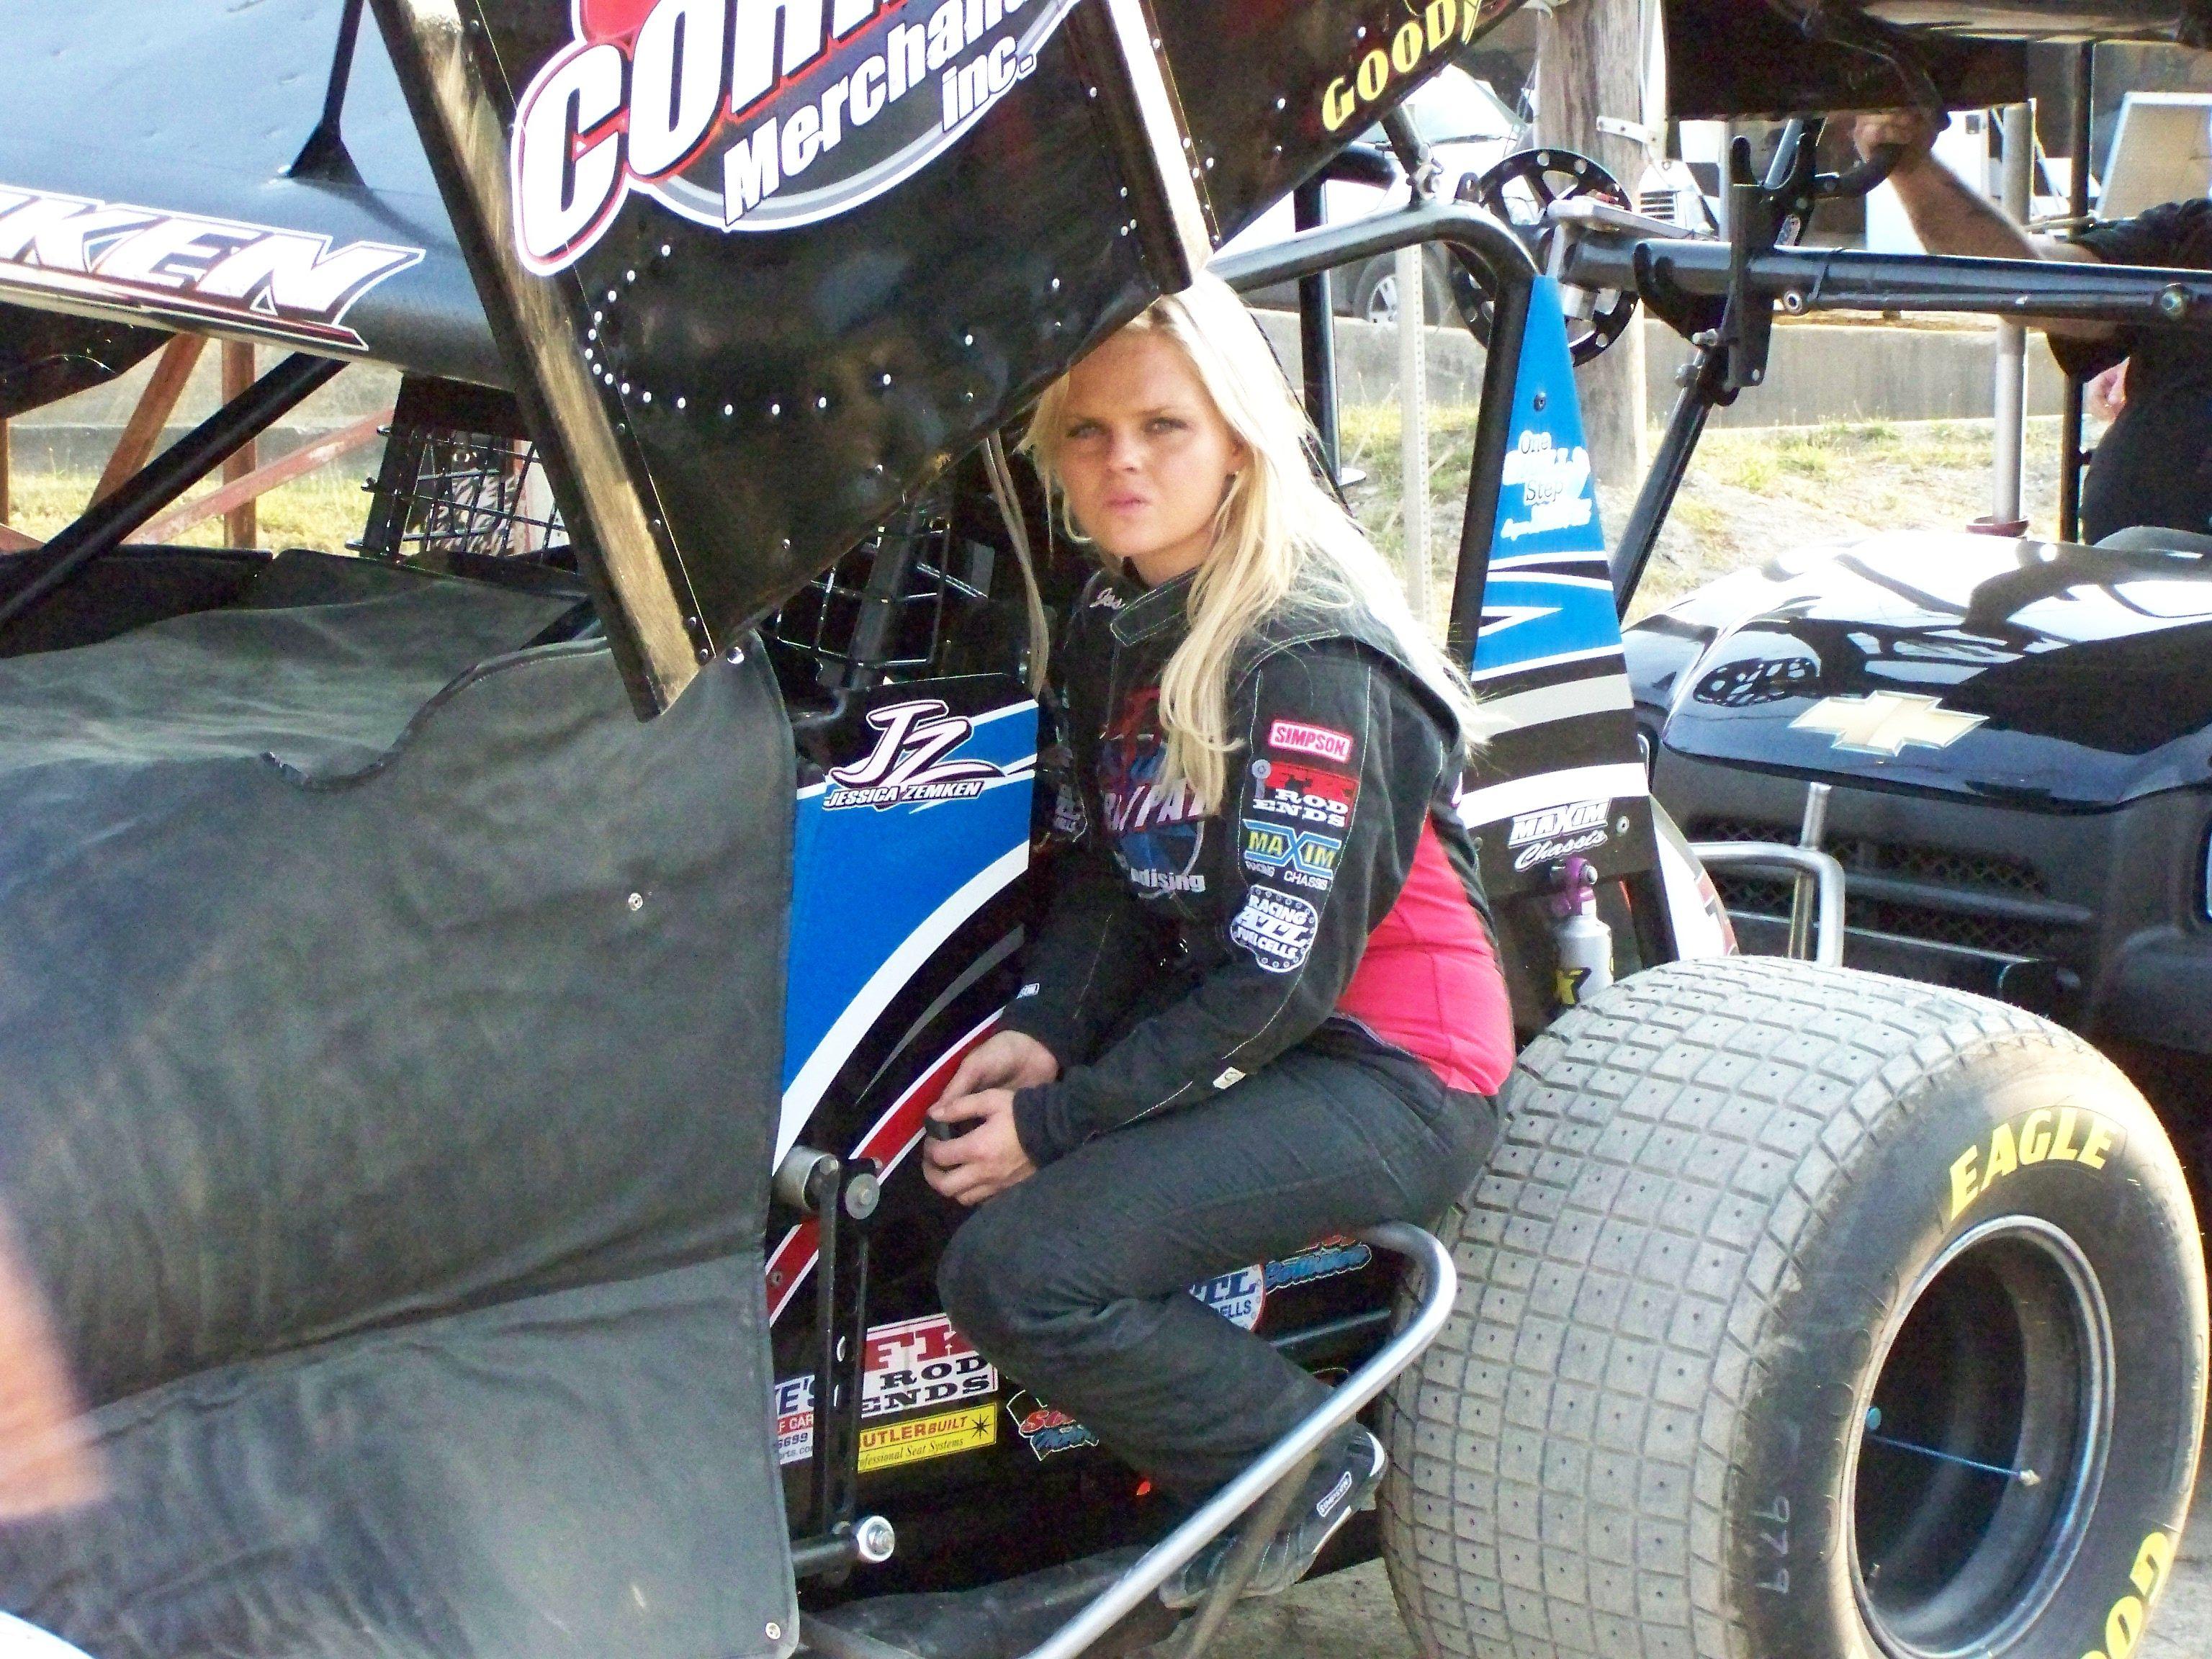 Pin On Women In Racing